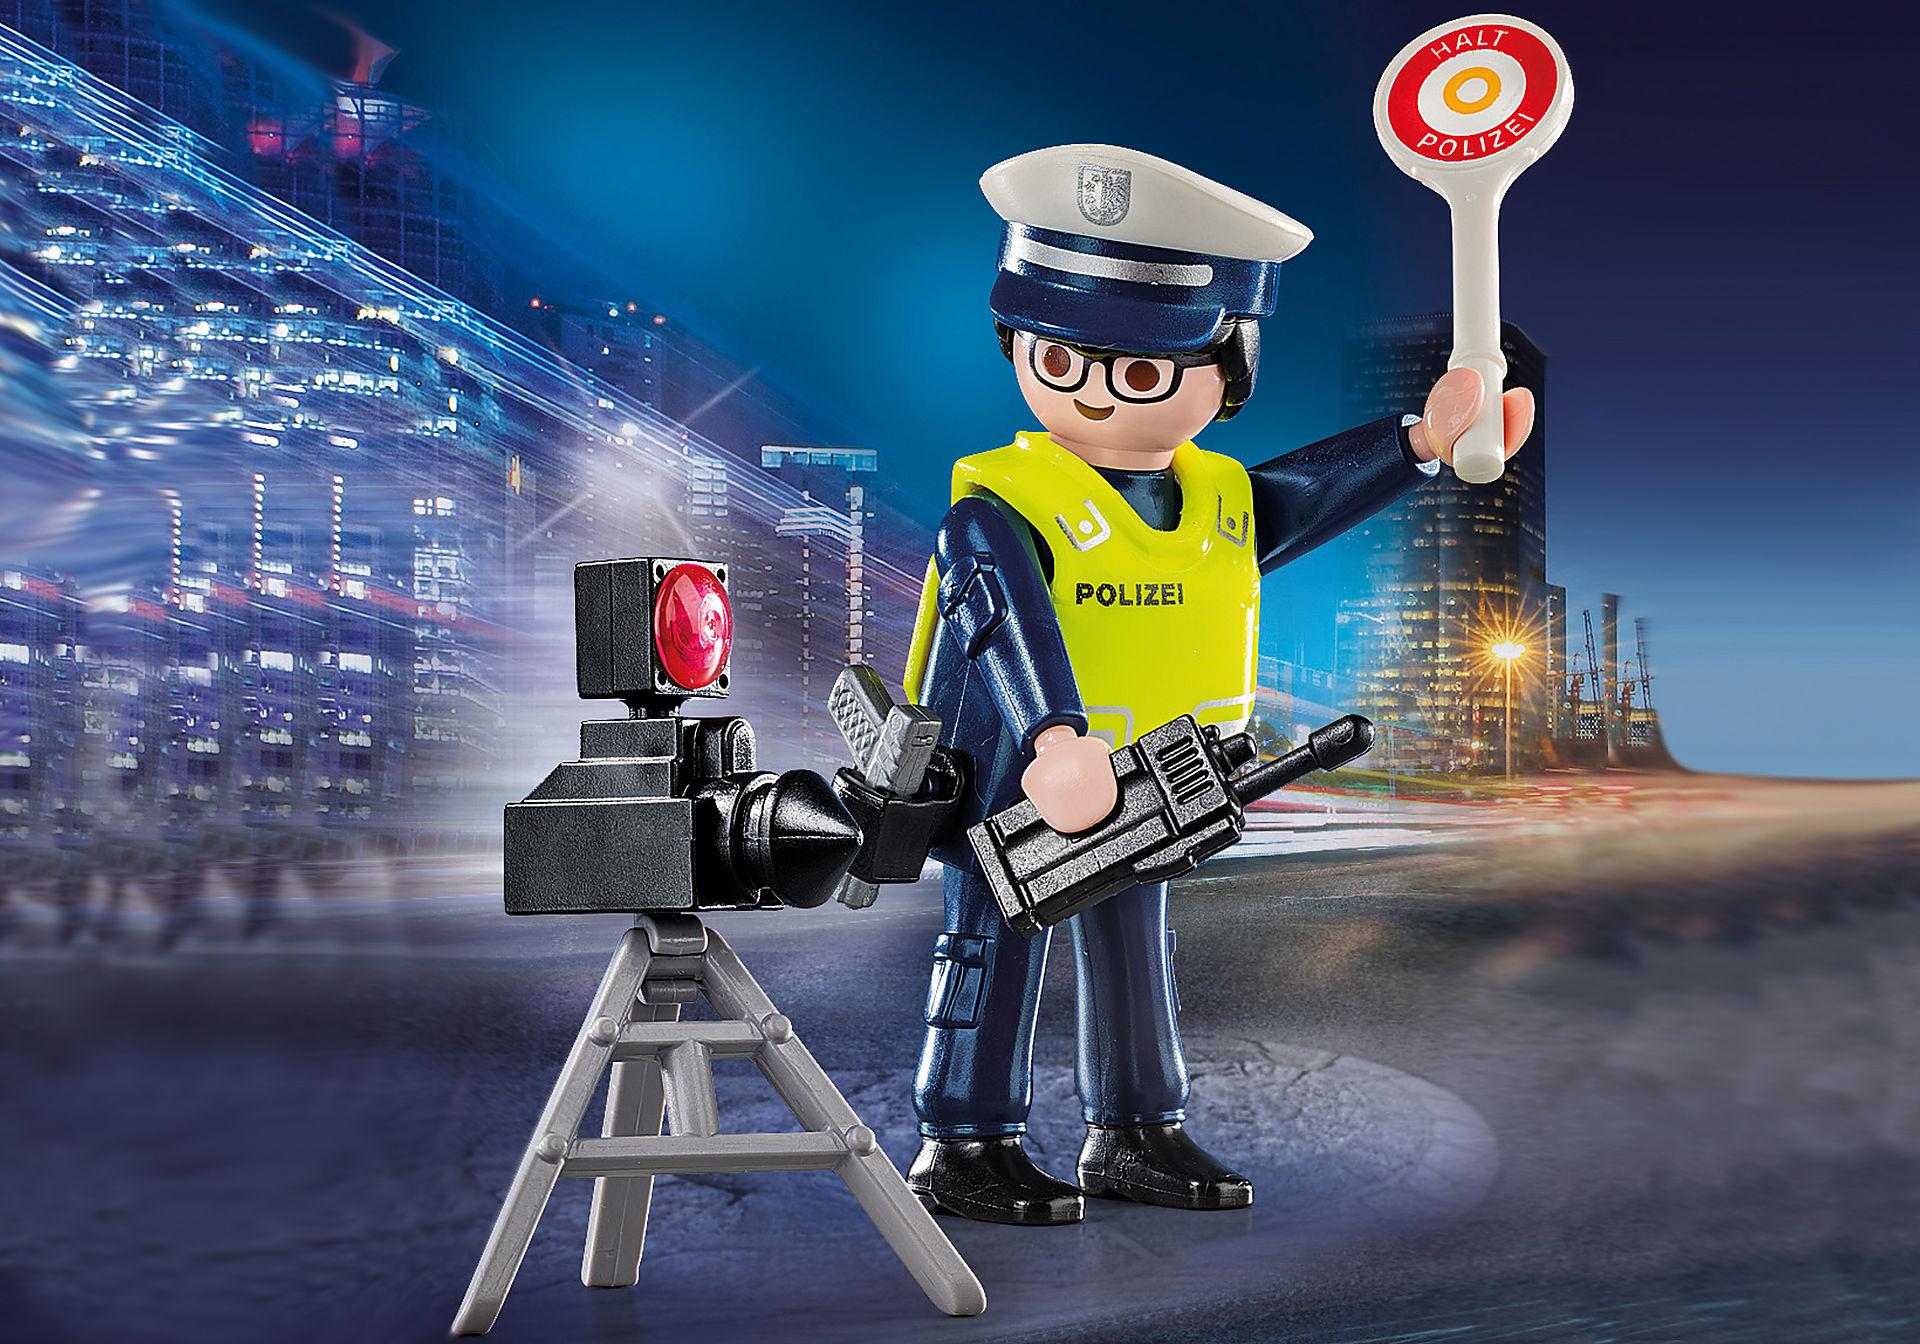 70304 Polizist mit Radarfalle zoom image1